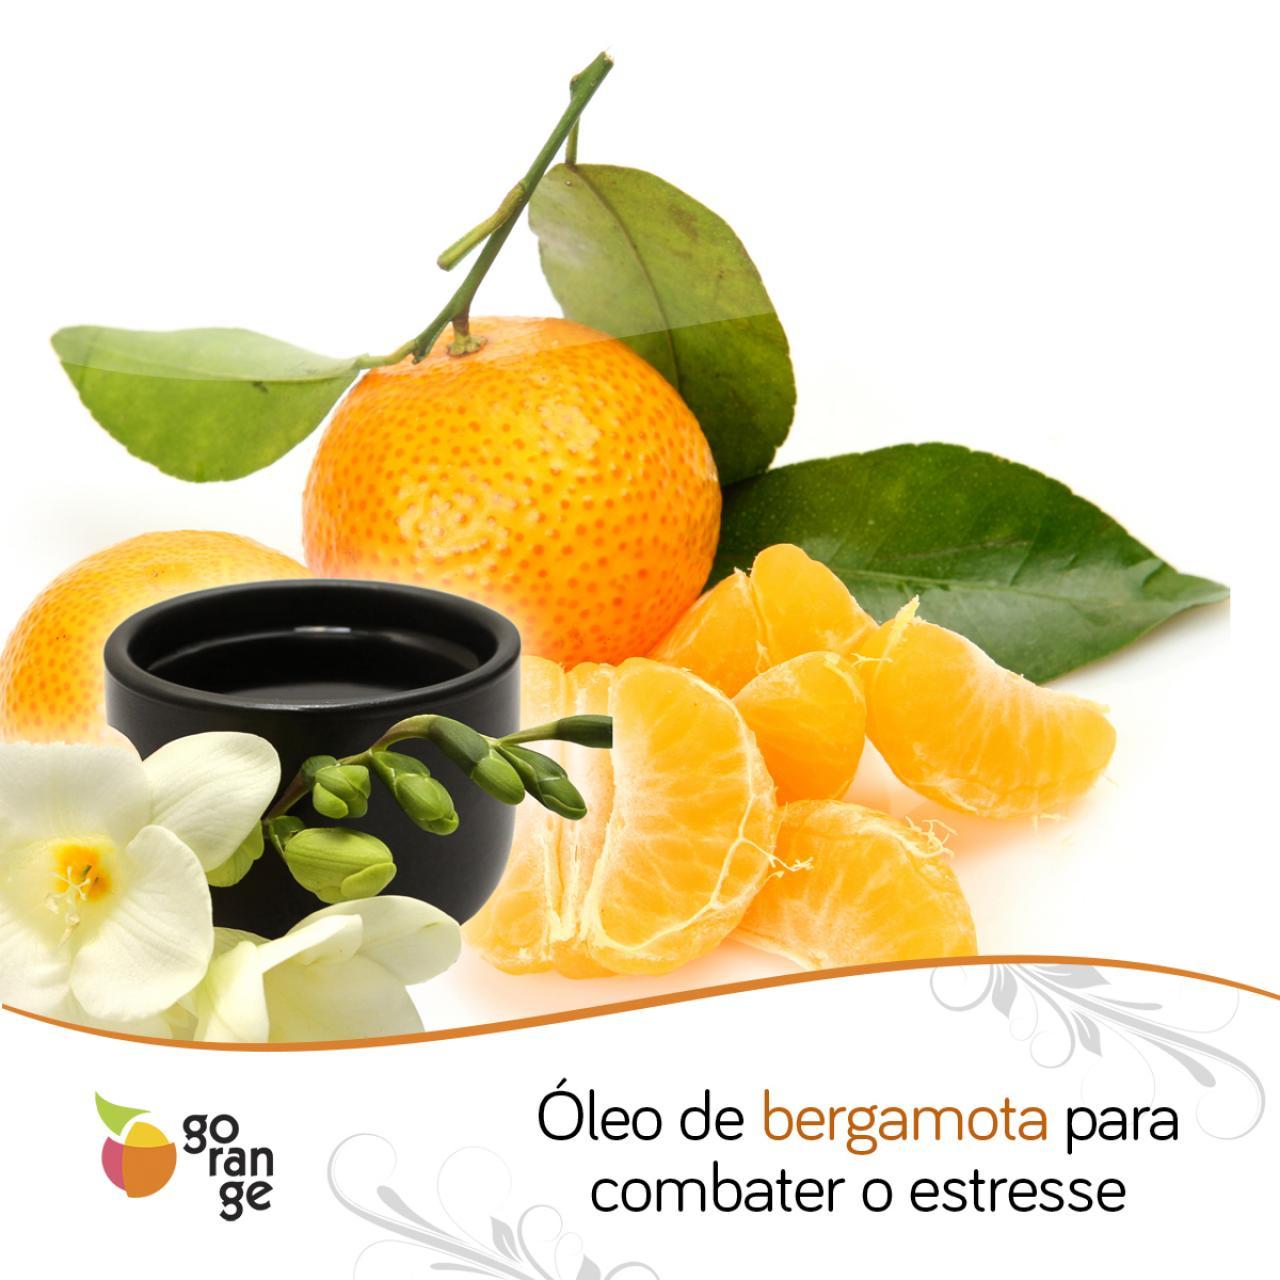 Óleo de bergamota para combater o estresse